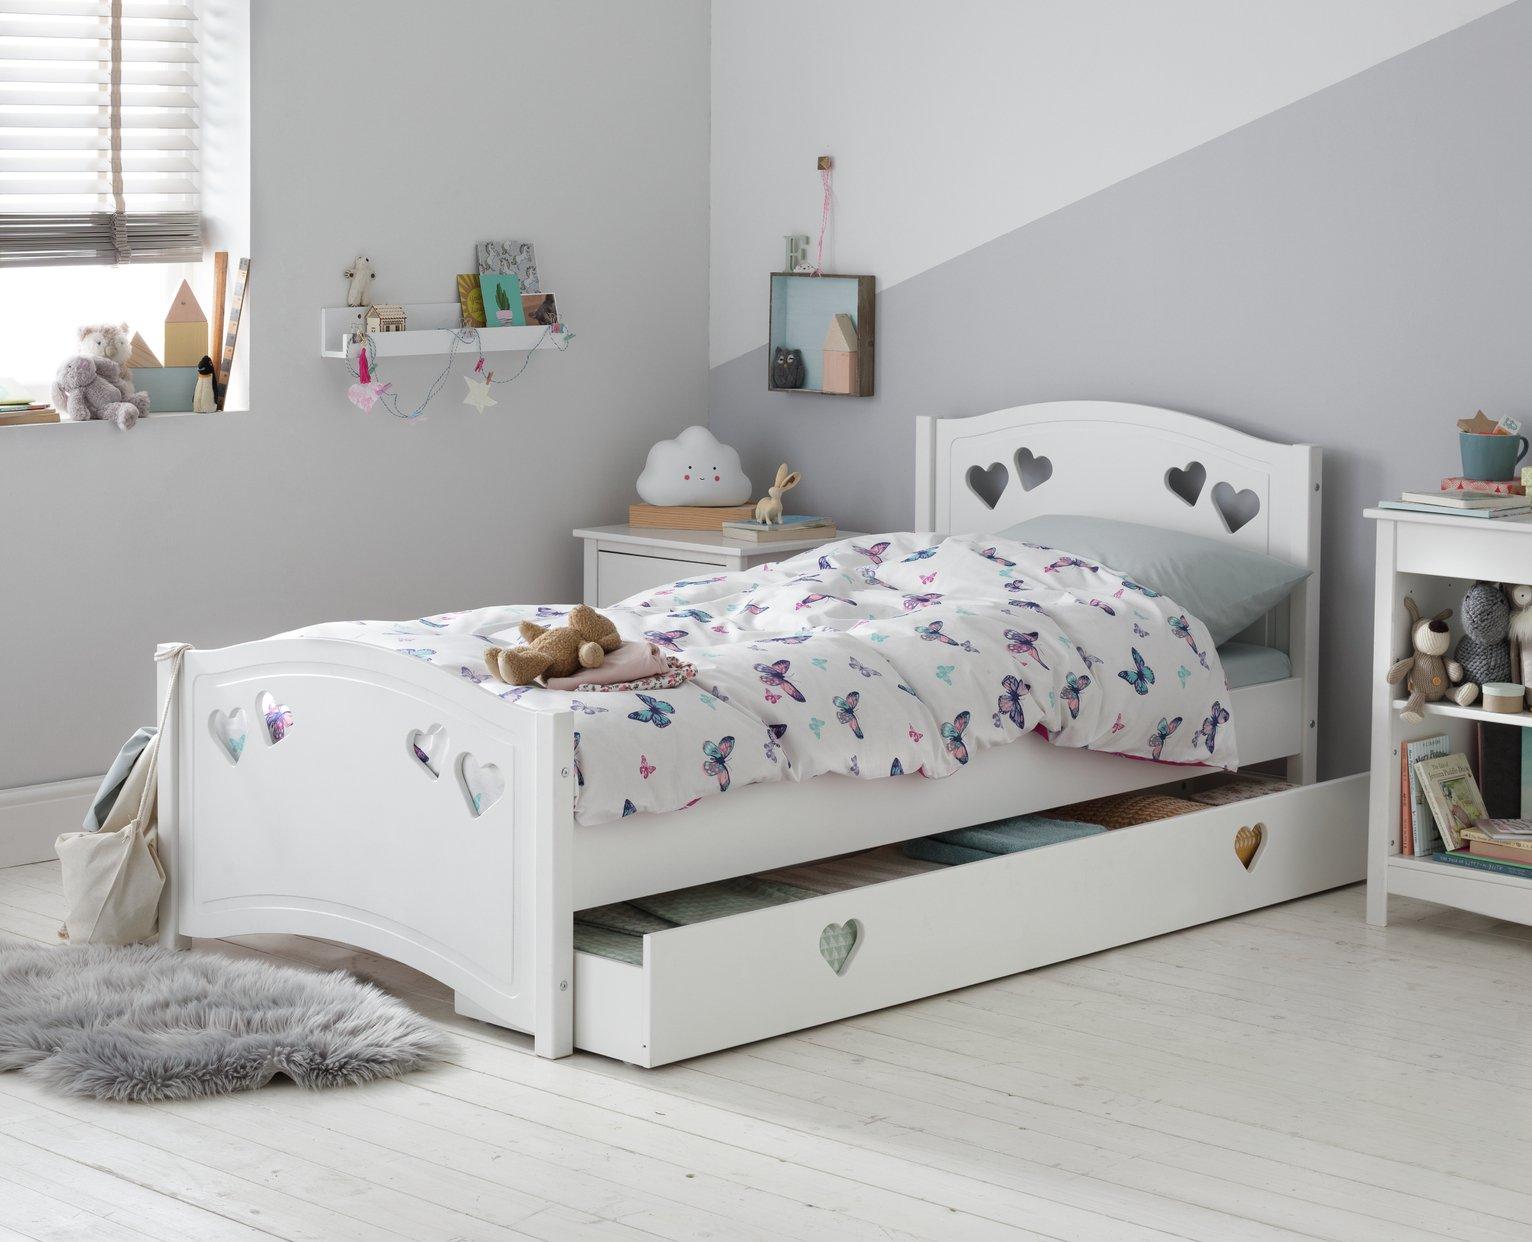 Argos Home Mia White Single Bed Frame